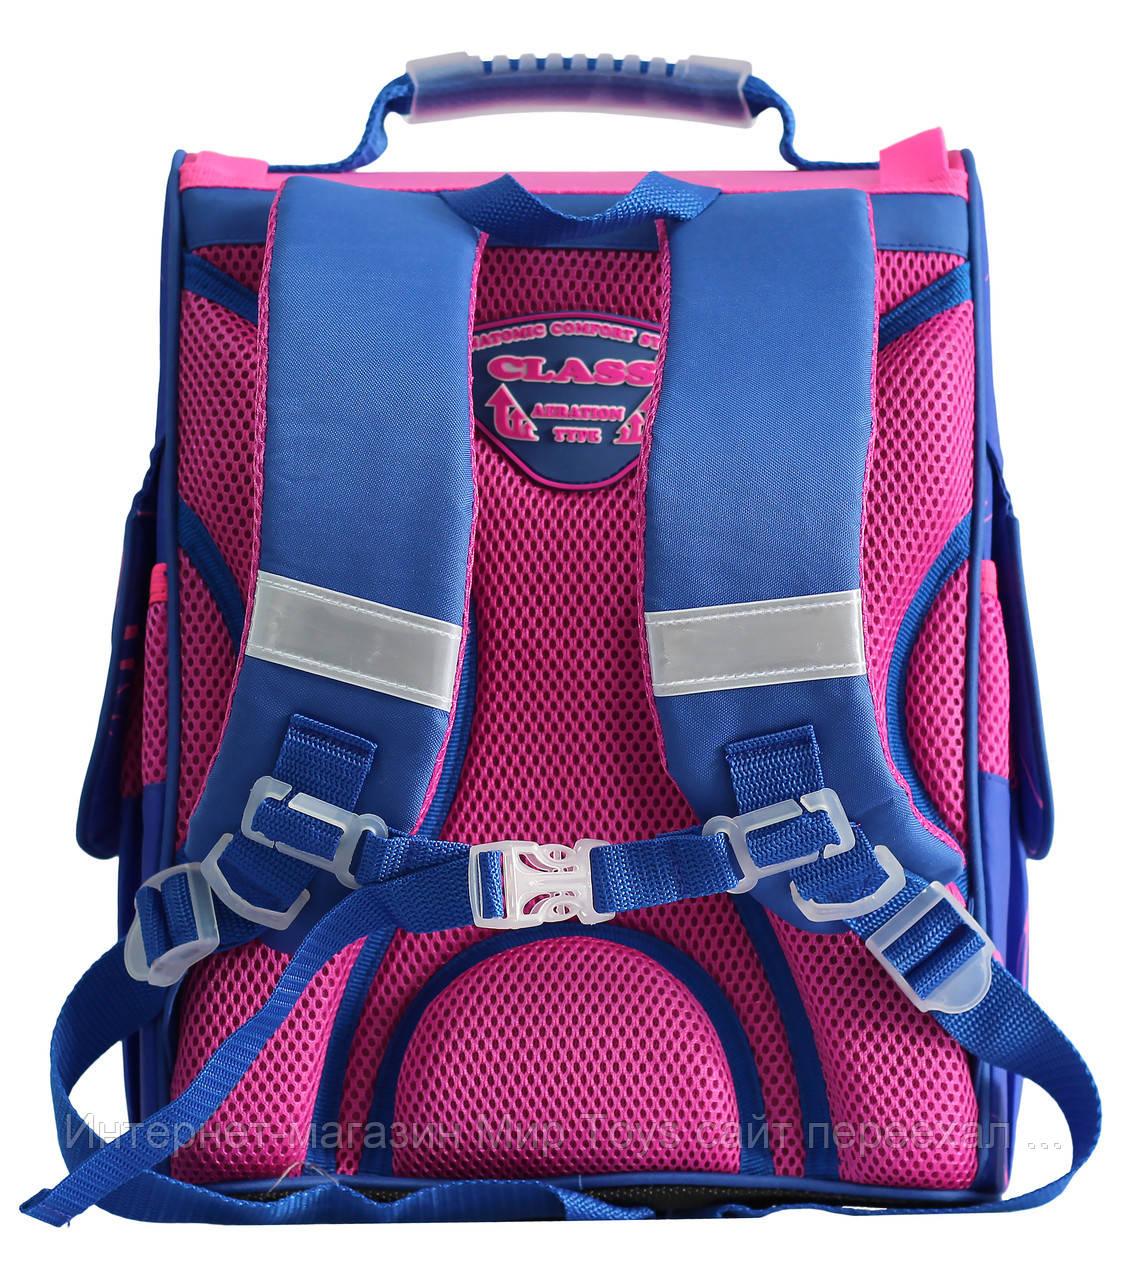 64f3b5b332e8 Ранец рюкзак школьный каркасный для девочки Fairy Flower CLASS арт. 9806,  цена 621,19 грн., купить в Киеве — Prom.ua (ID#716033397)